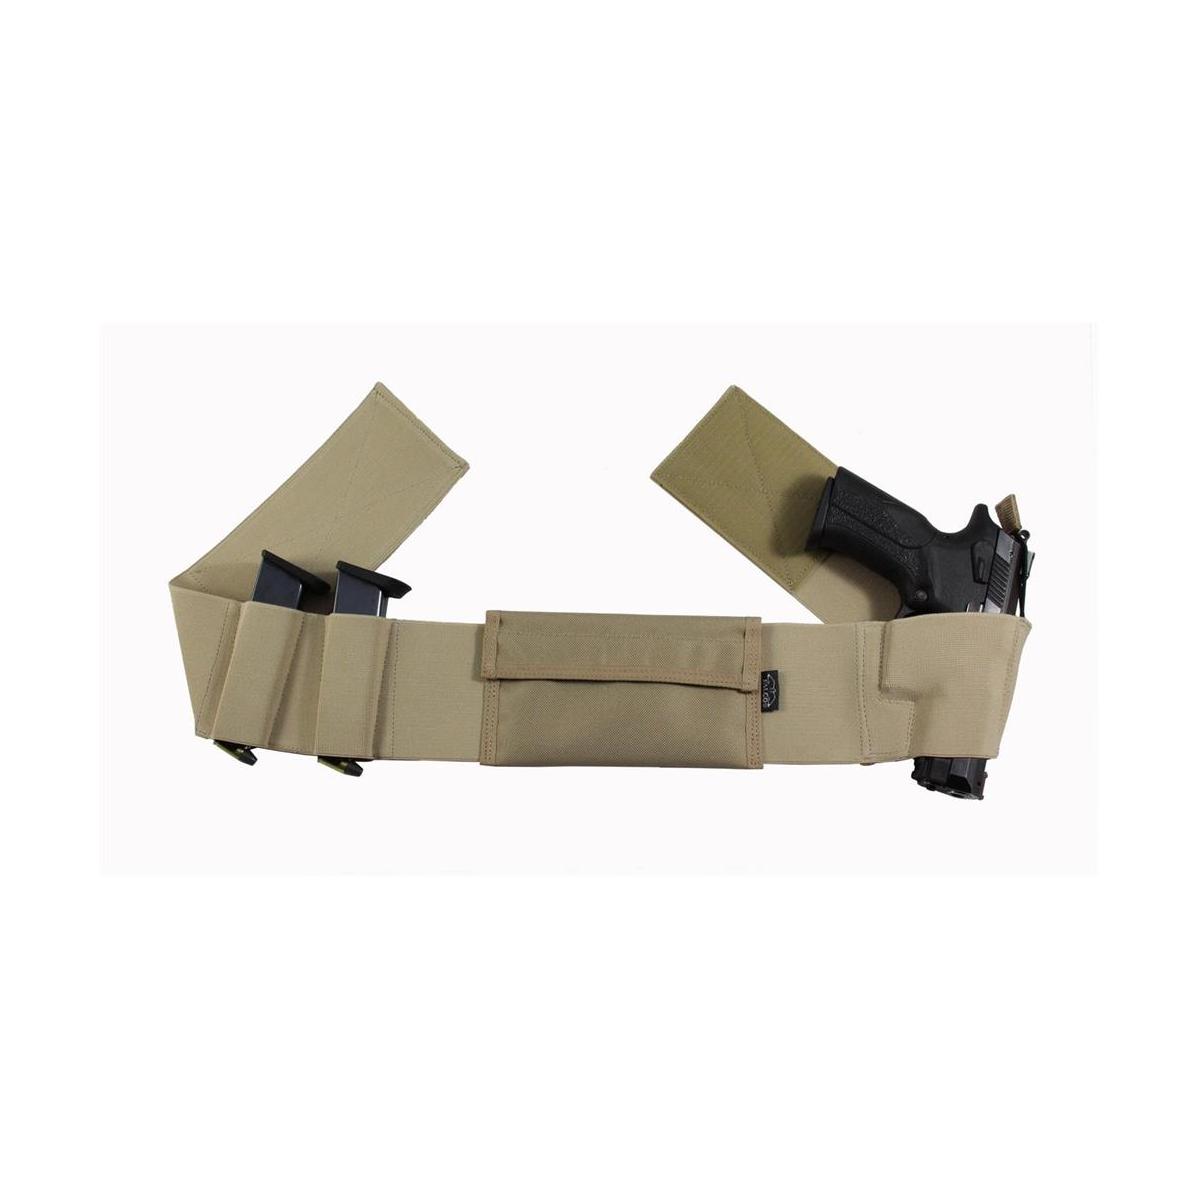 Bauchgurt Innenholster, Doppelsicherung, Braun Linkshänder, S Walther P99 / P99Q / PPQ / PPQ M2 / P99 Compact